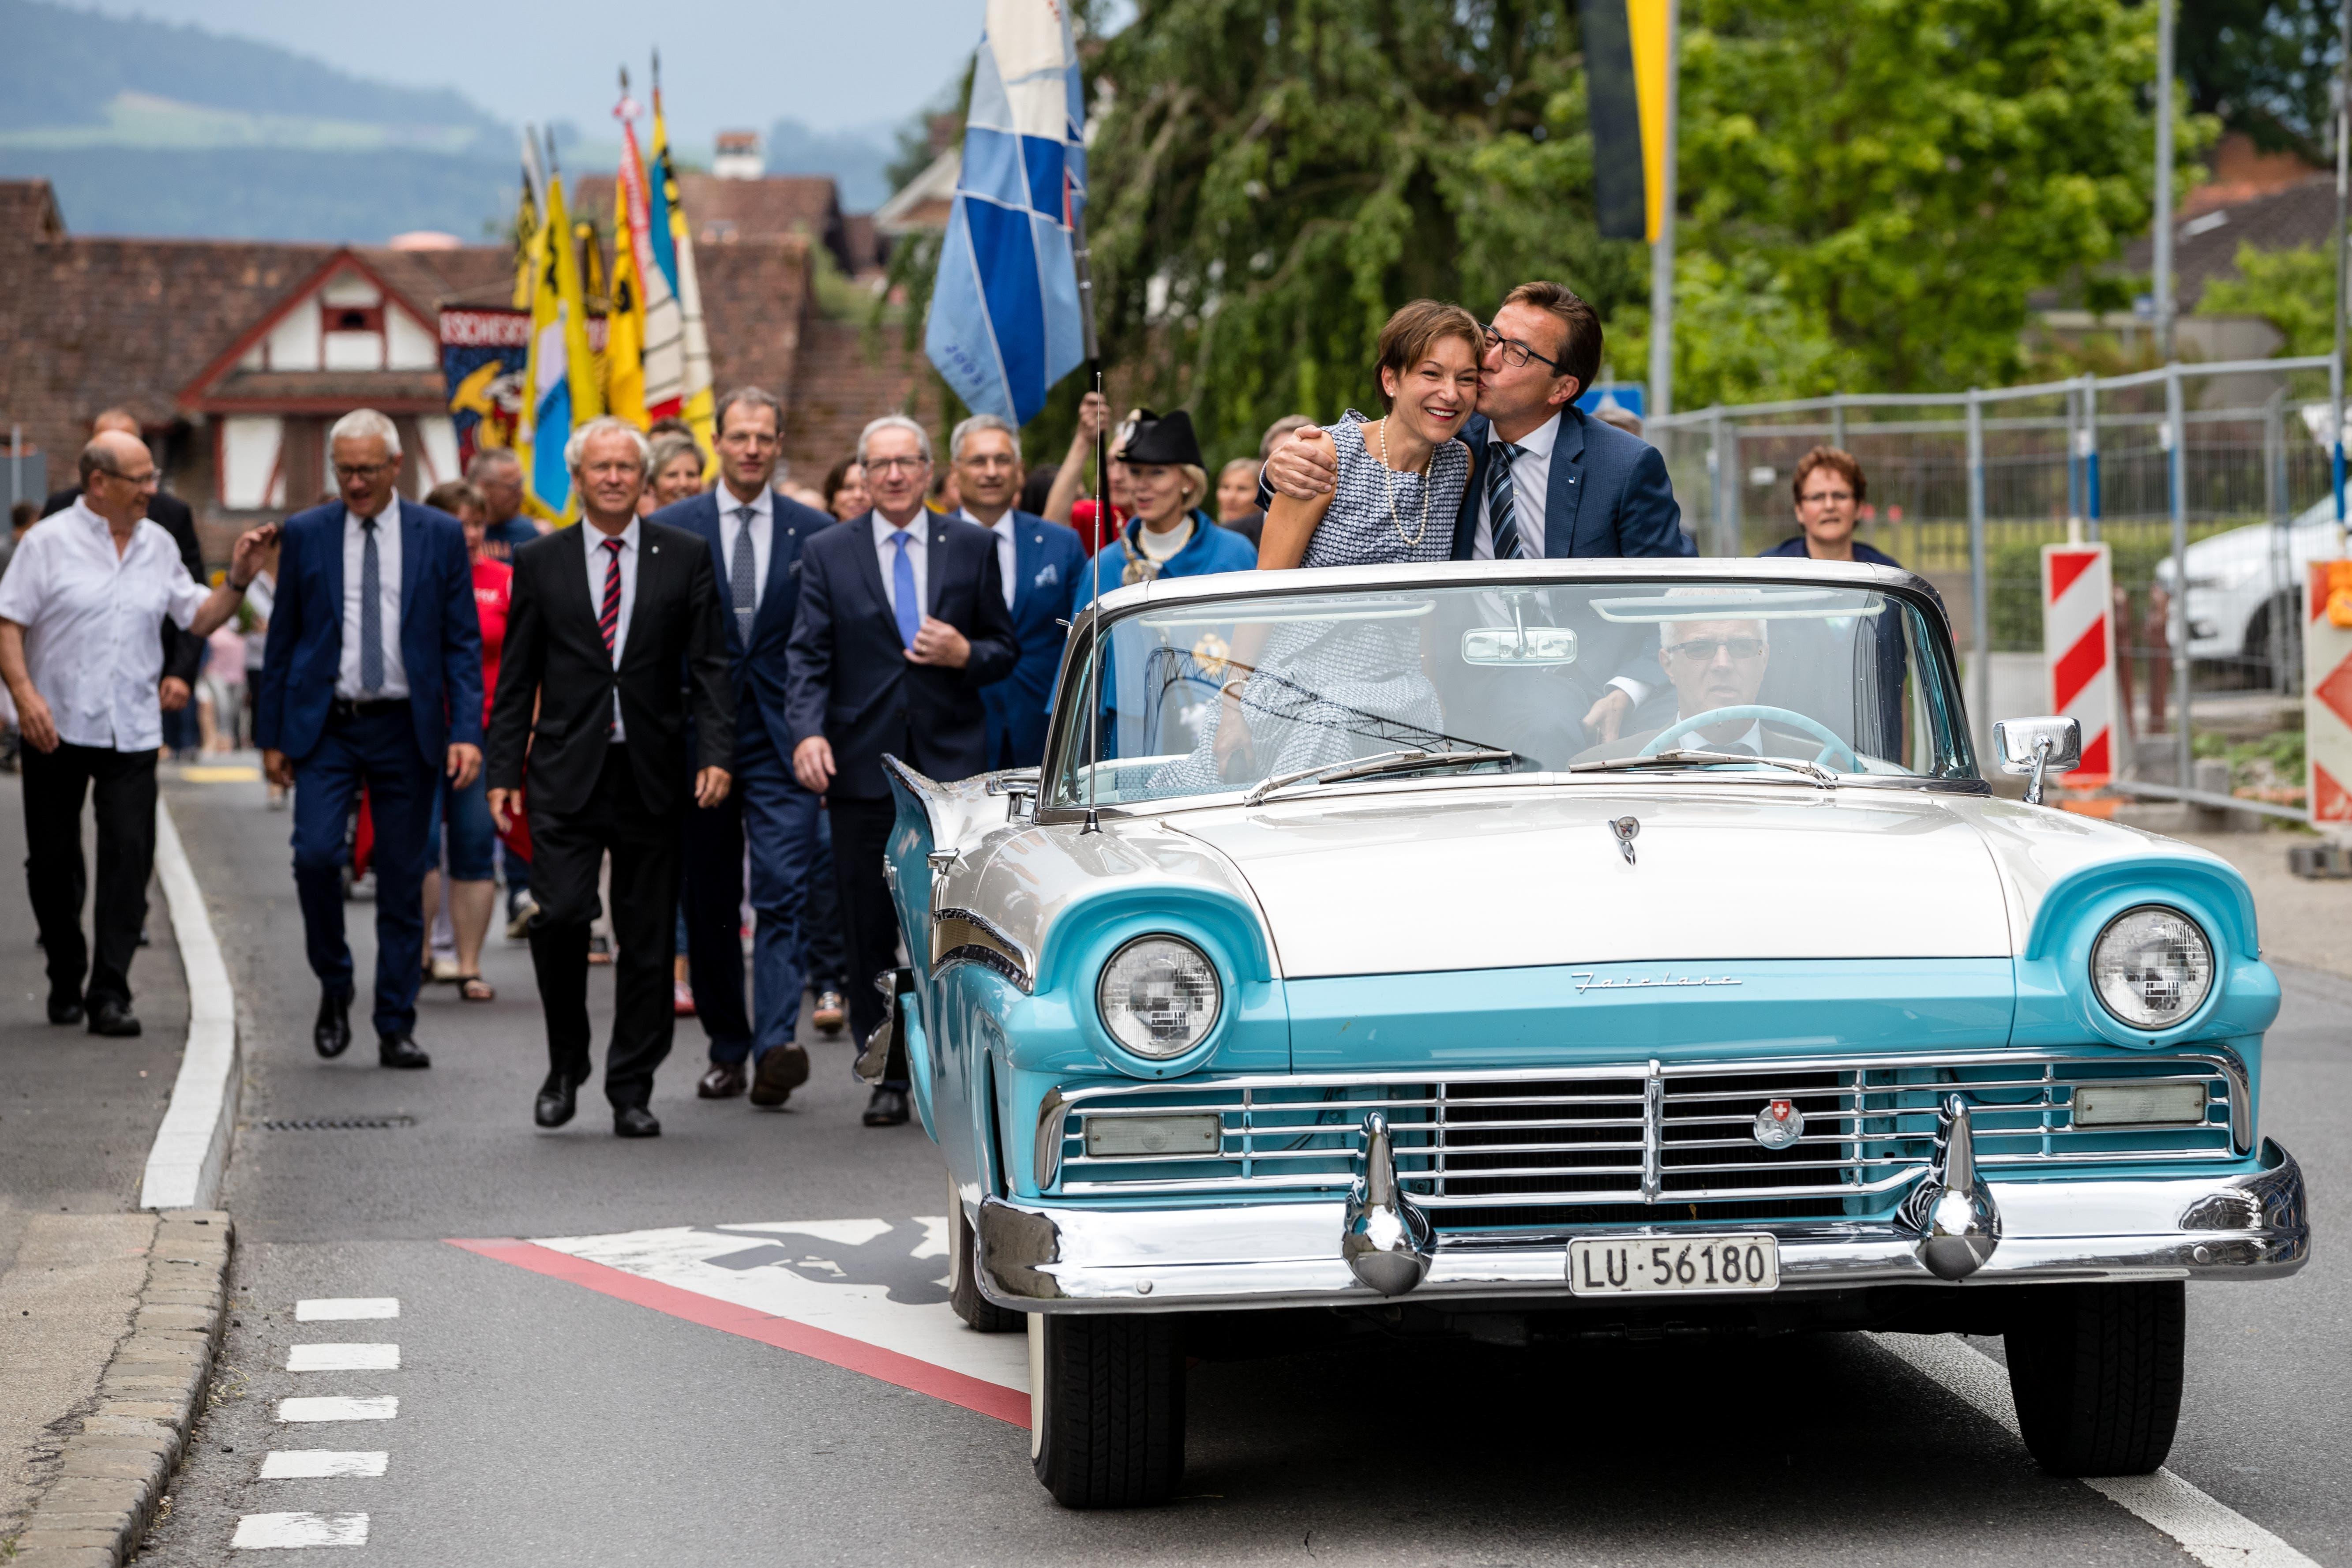 Kantonsratspräsident Josef Wyss (CVP) und seine Partnerin Liliane Schürch werden in einem Oldtimer chauffiert.